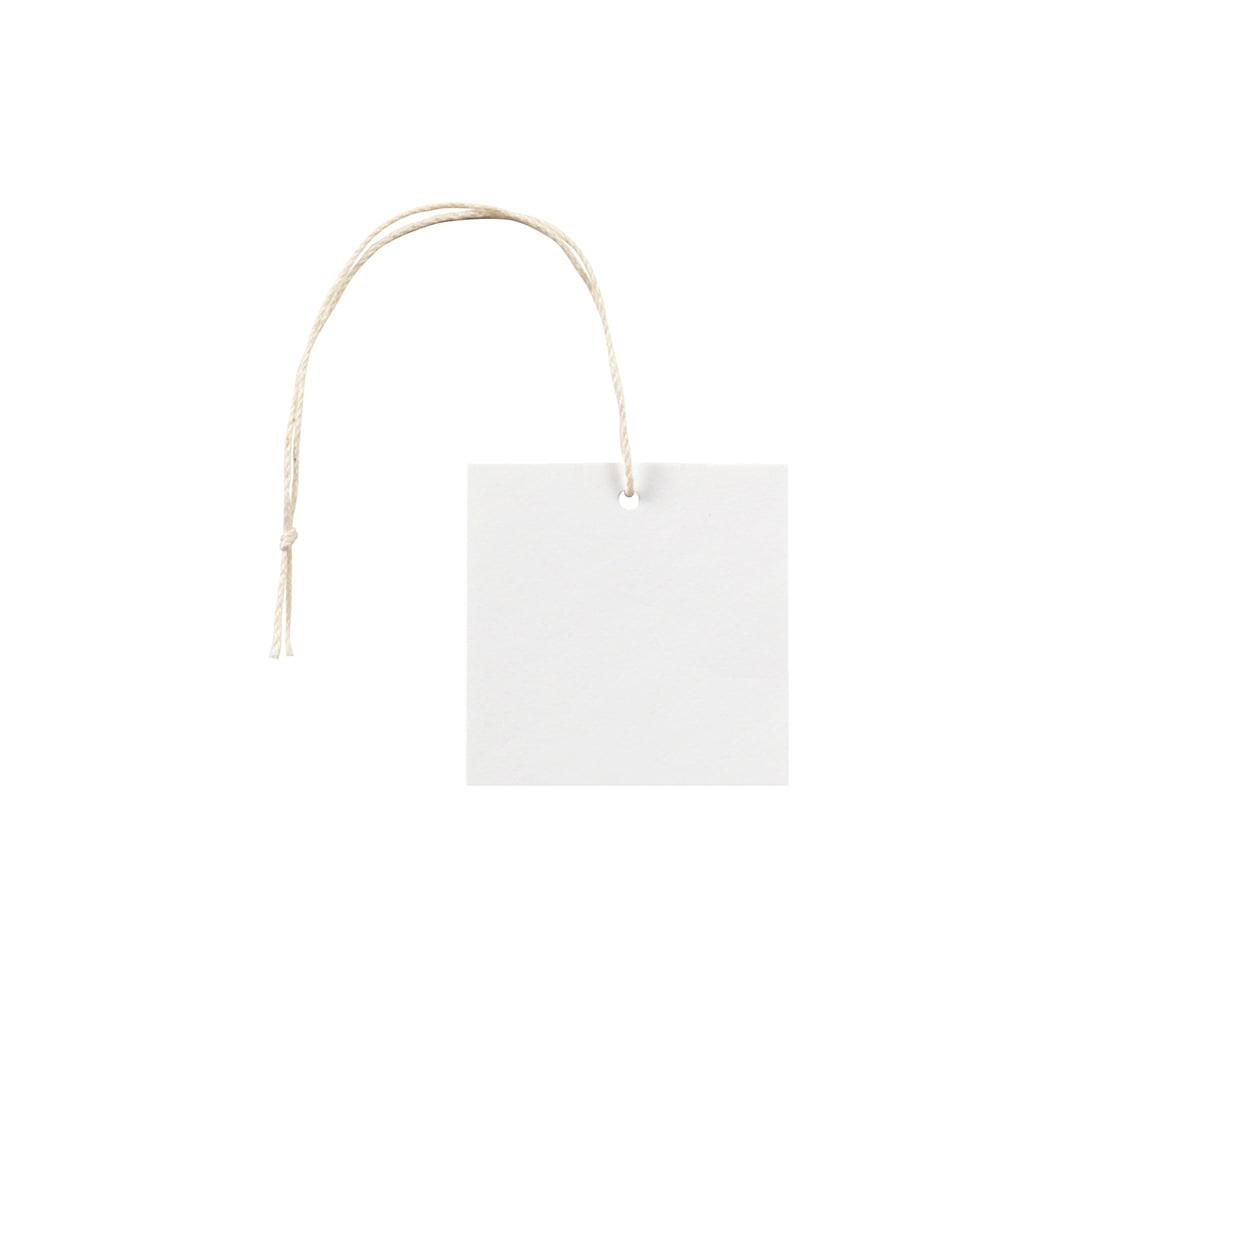 タグ50×50四角形 コットンスノーホワイト 232.8g タグ紐(細)コットン生成